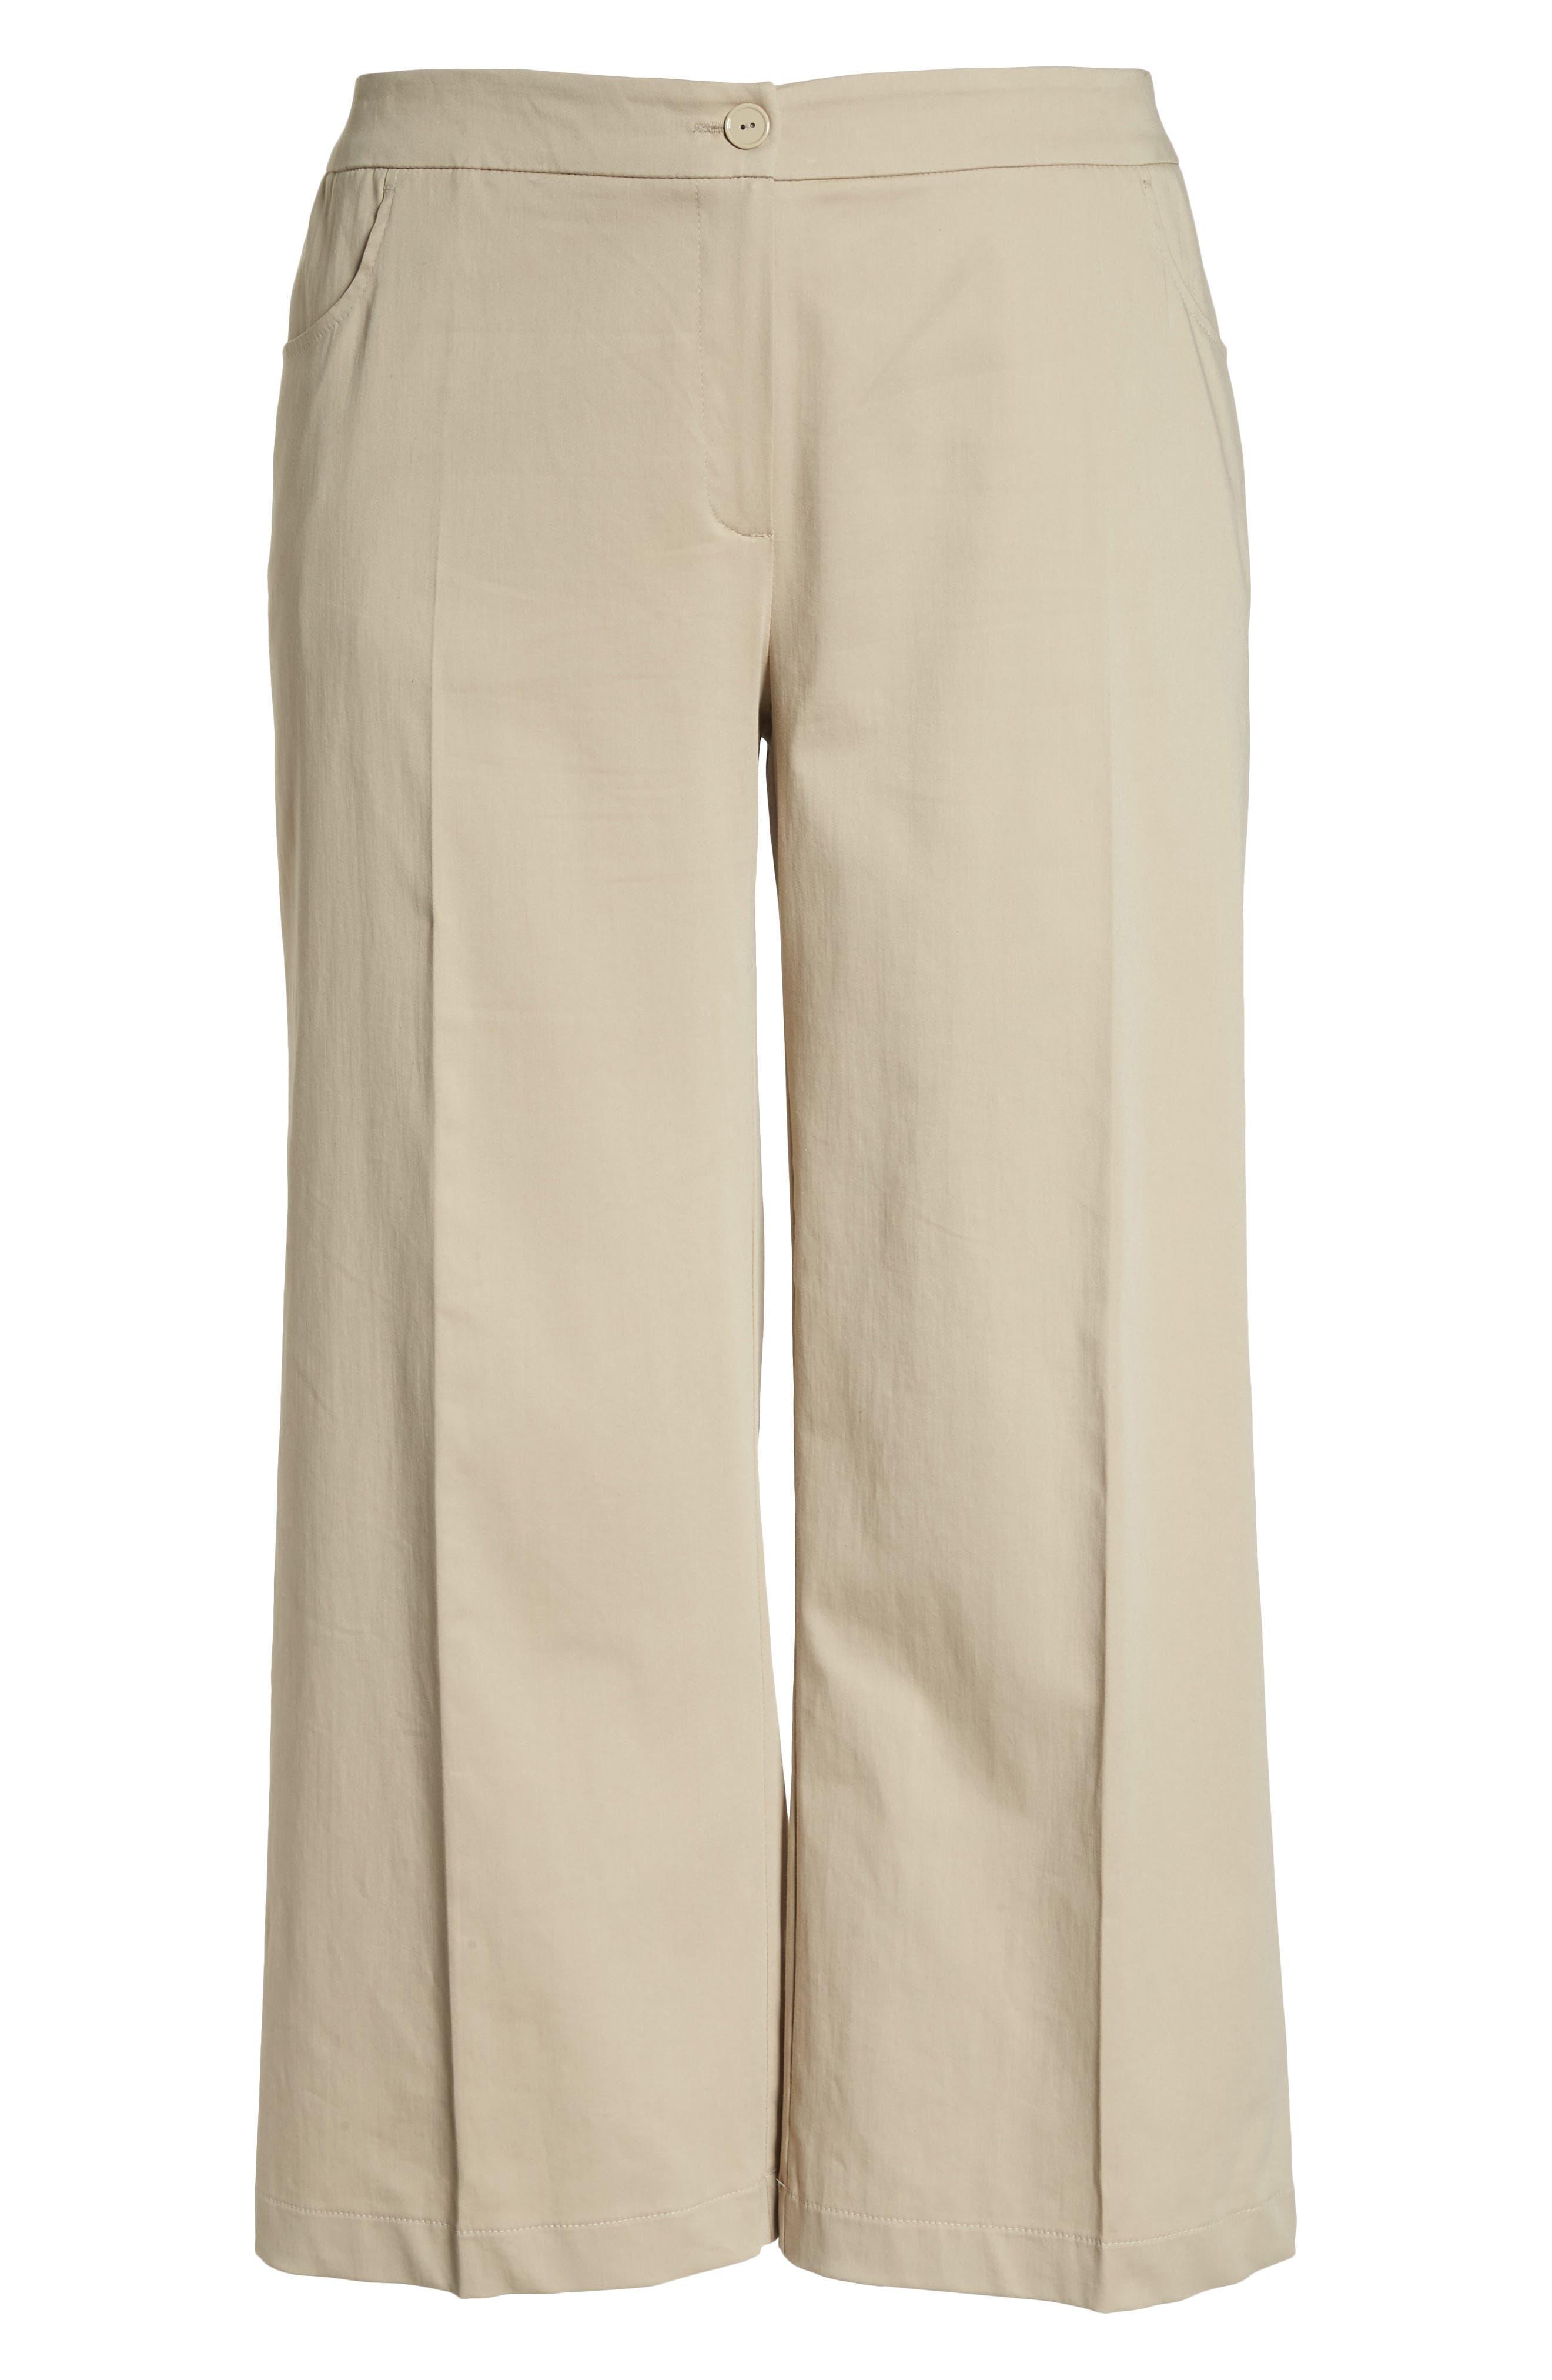 Crop Pants,                             Alternate thumbnail 6, color,                             Dark Beige